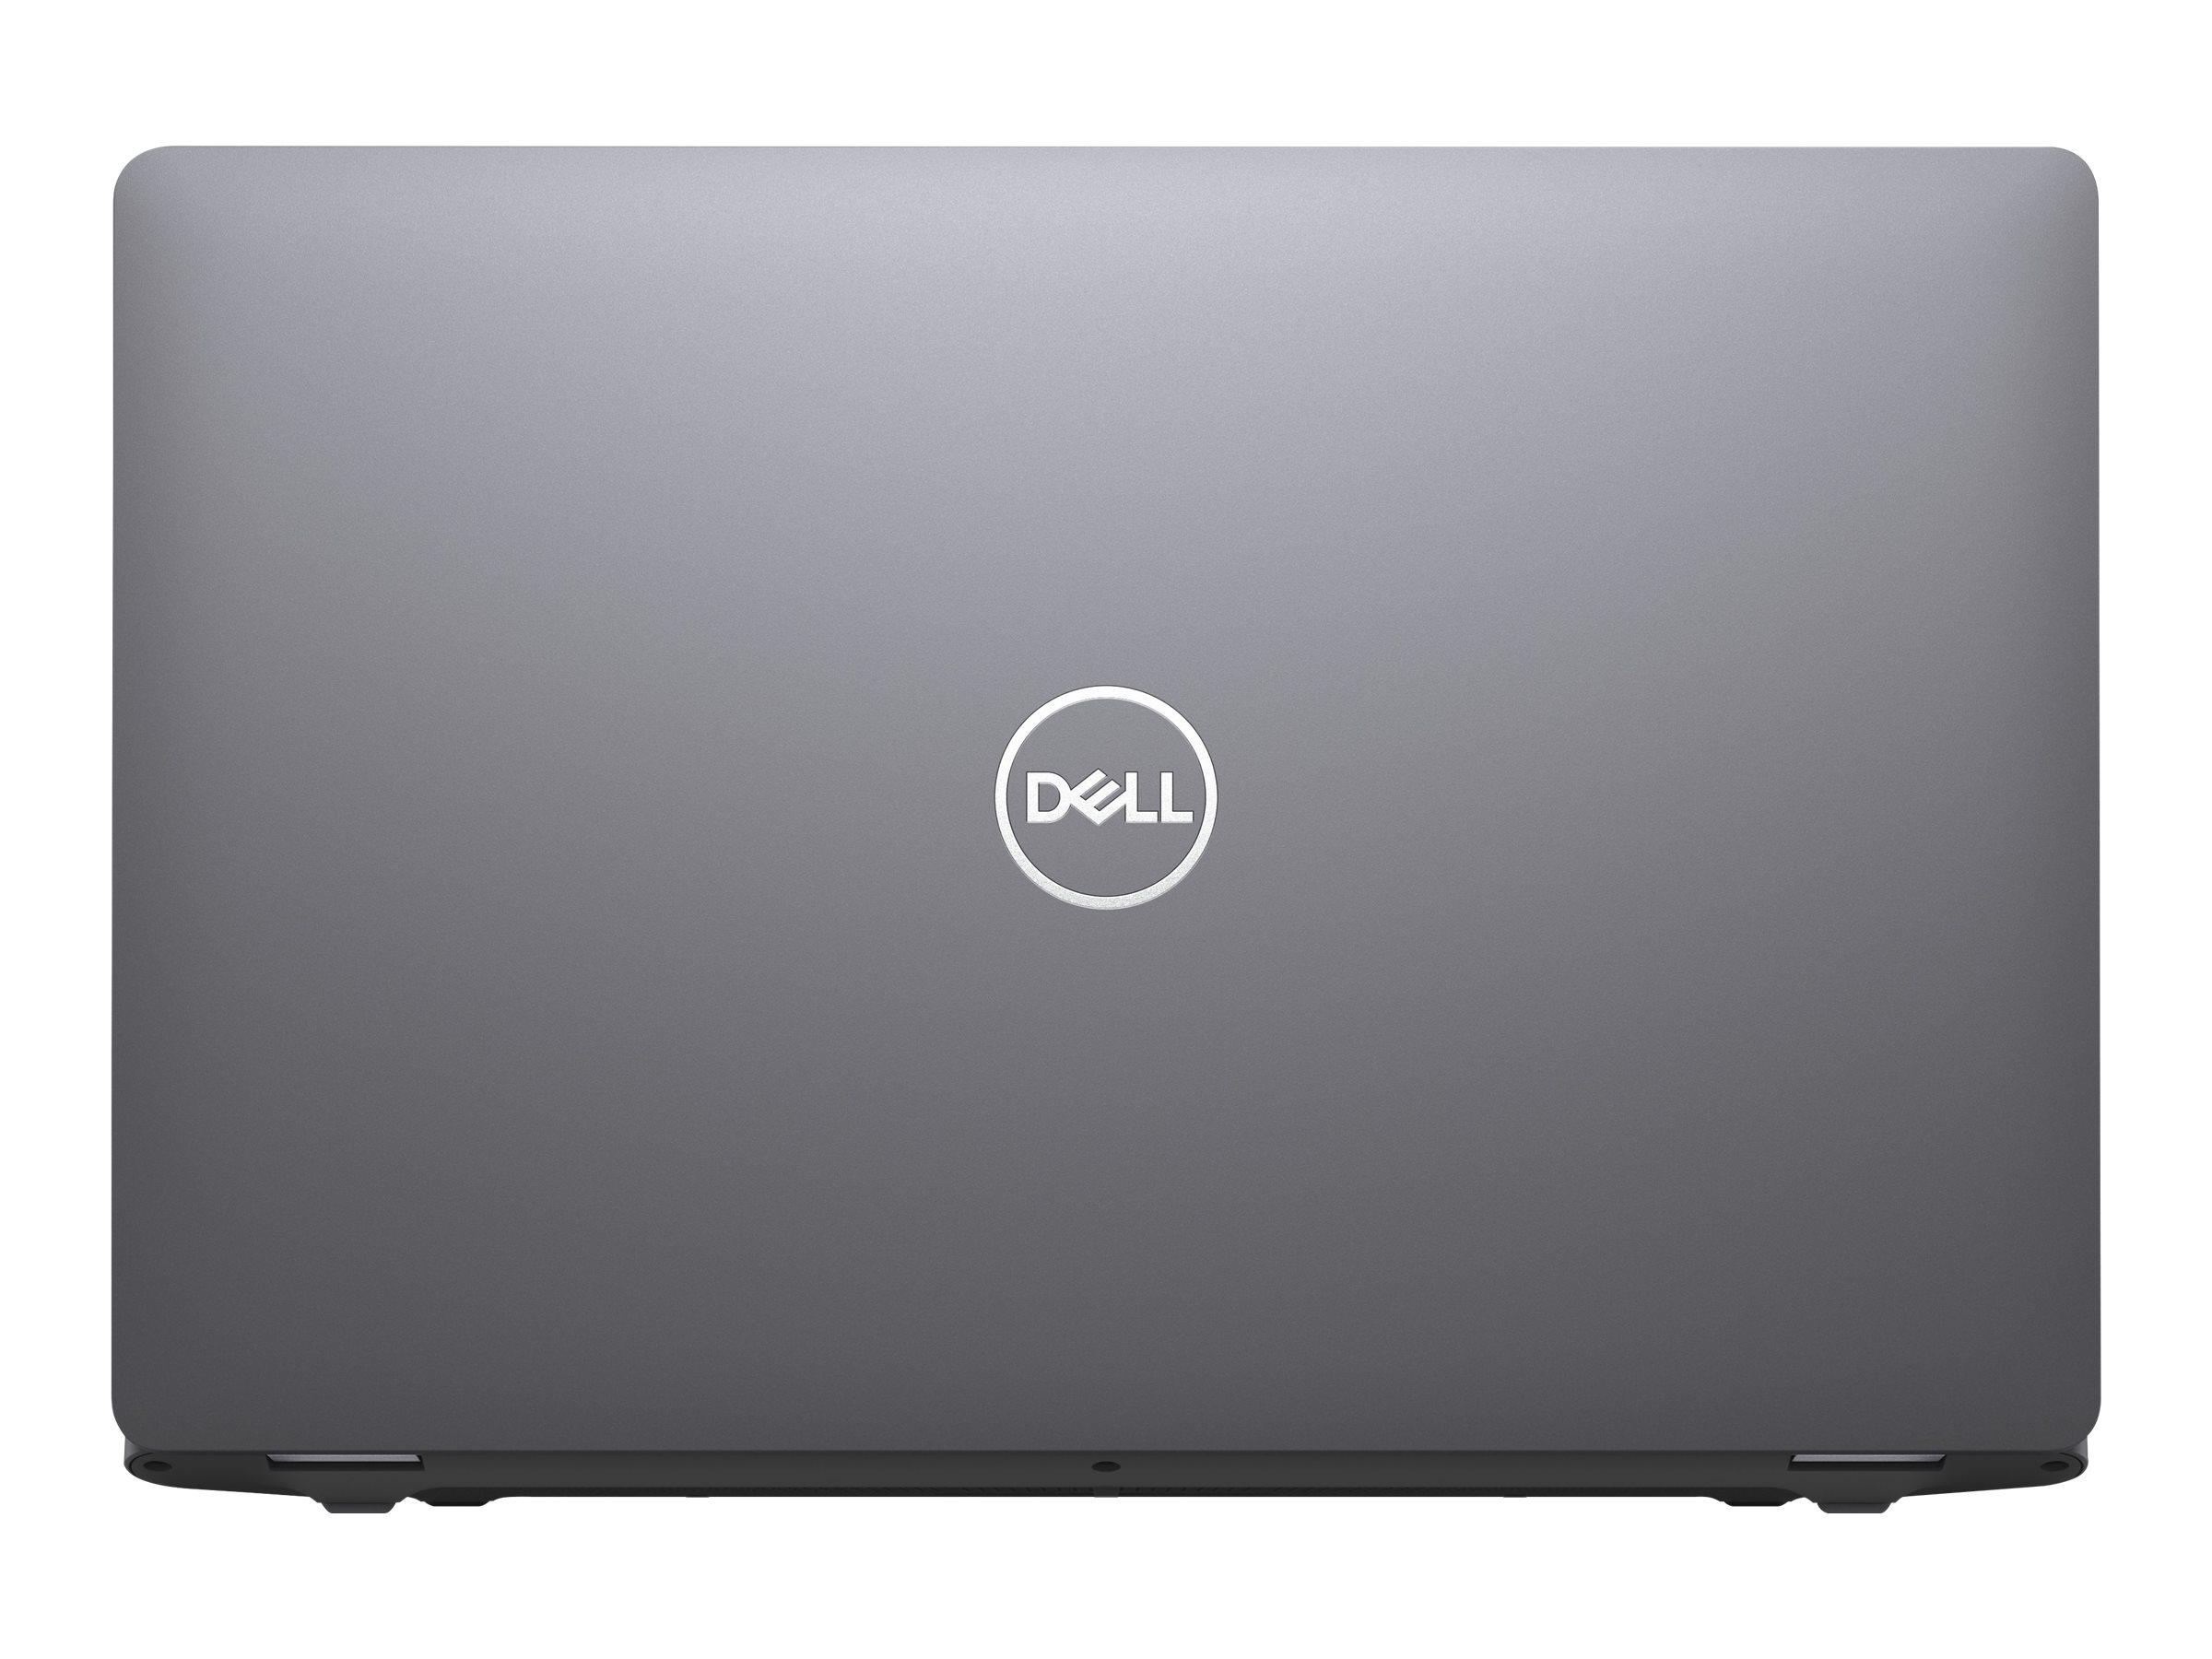 Dell Latitude 5510 - 15.6